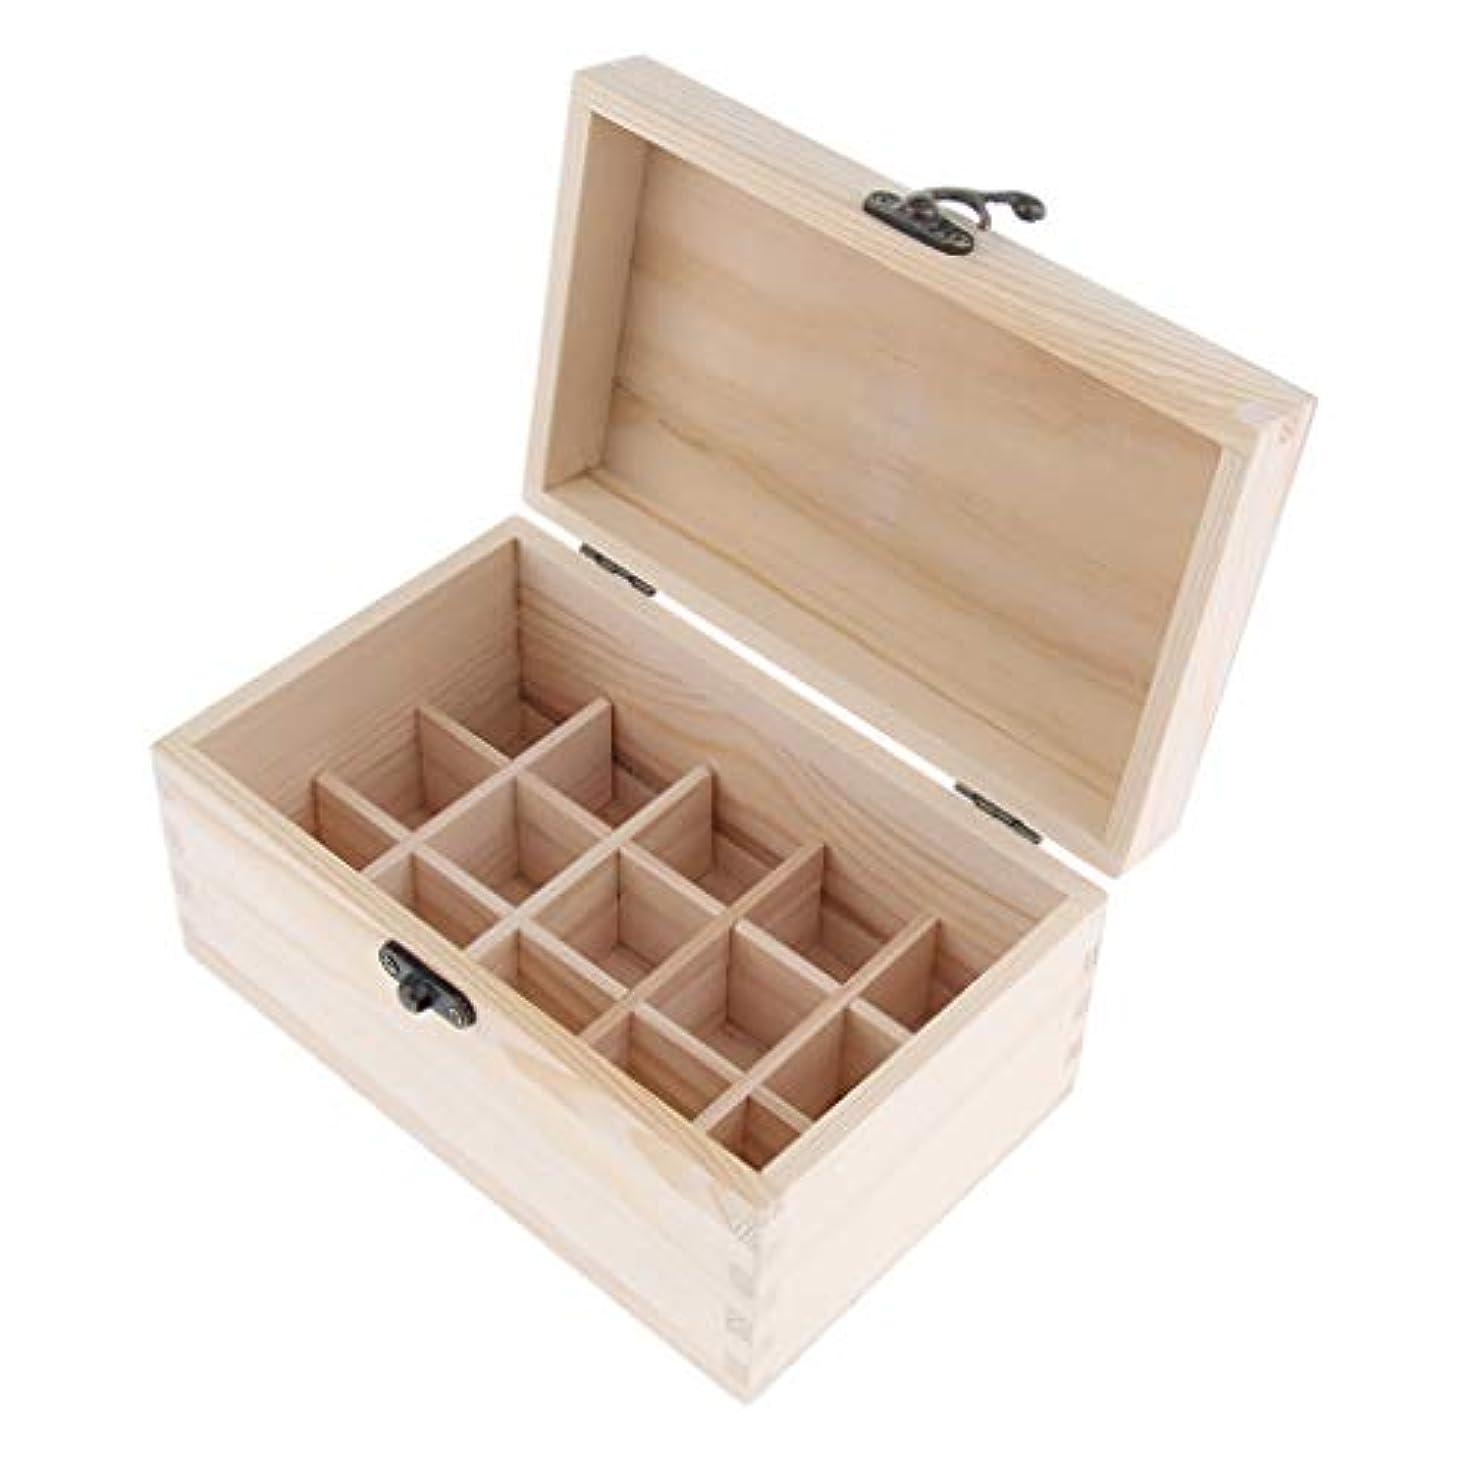 マウンド効率的くそーdailymall エッセンシャルオイル収納ボックス 木製 アロマケース 精油 香水収納 レトロ 大容量 15本用